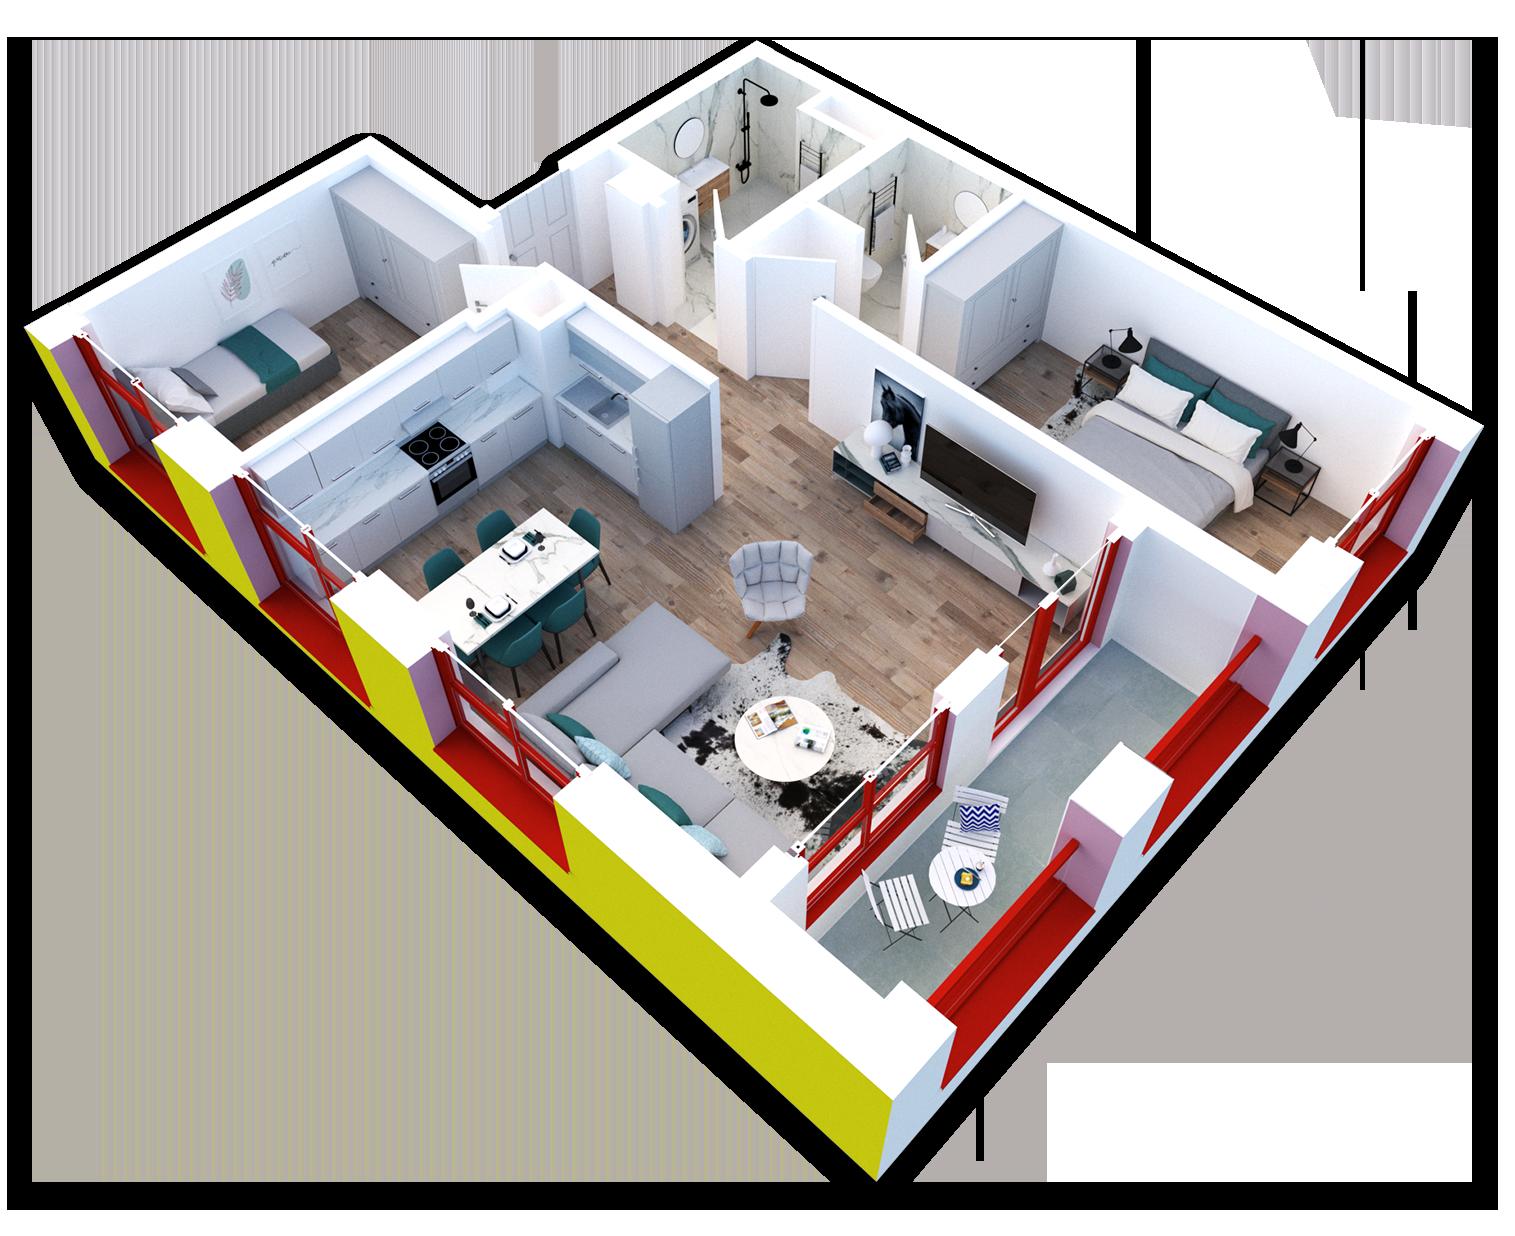 Apartament 2+1 në shitje në Tiranë - Mangalem 21 Shkalla 20 Kati 5